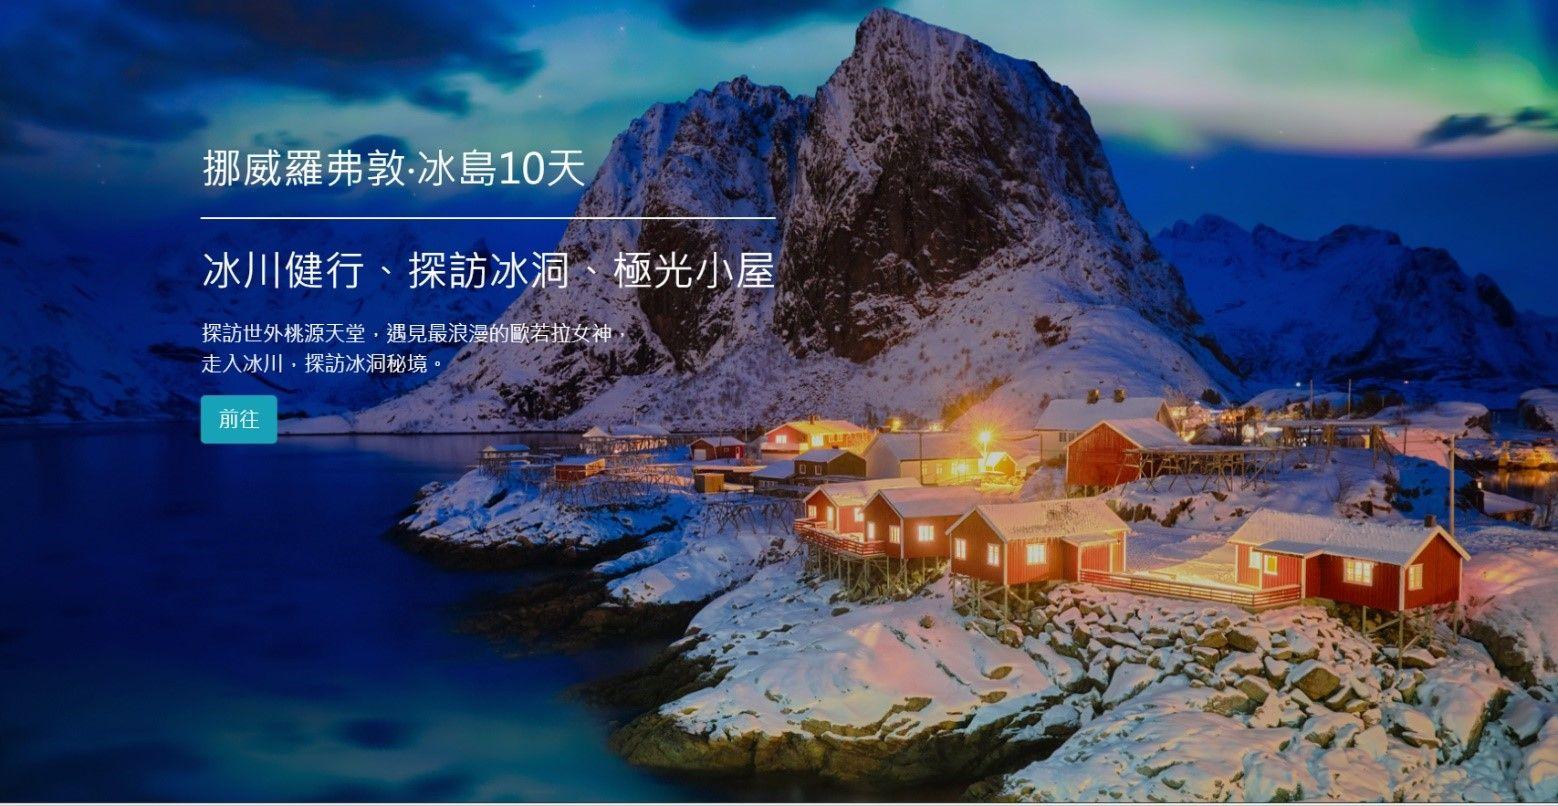 挪威羅弗敦‧冰島冰川健行~賞極光、探訪冰洞、雪地摩托車10天